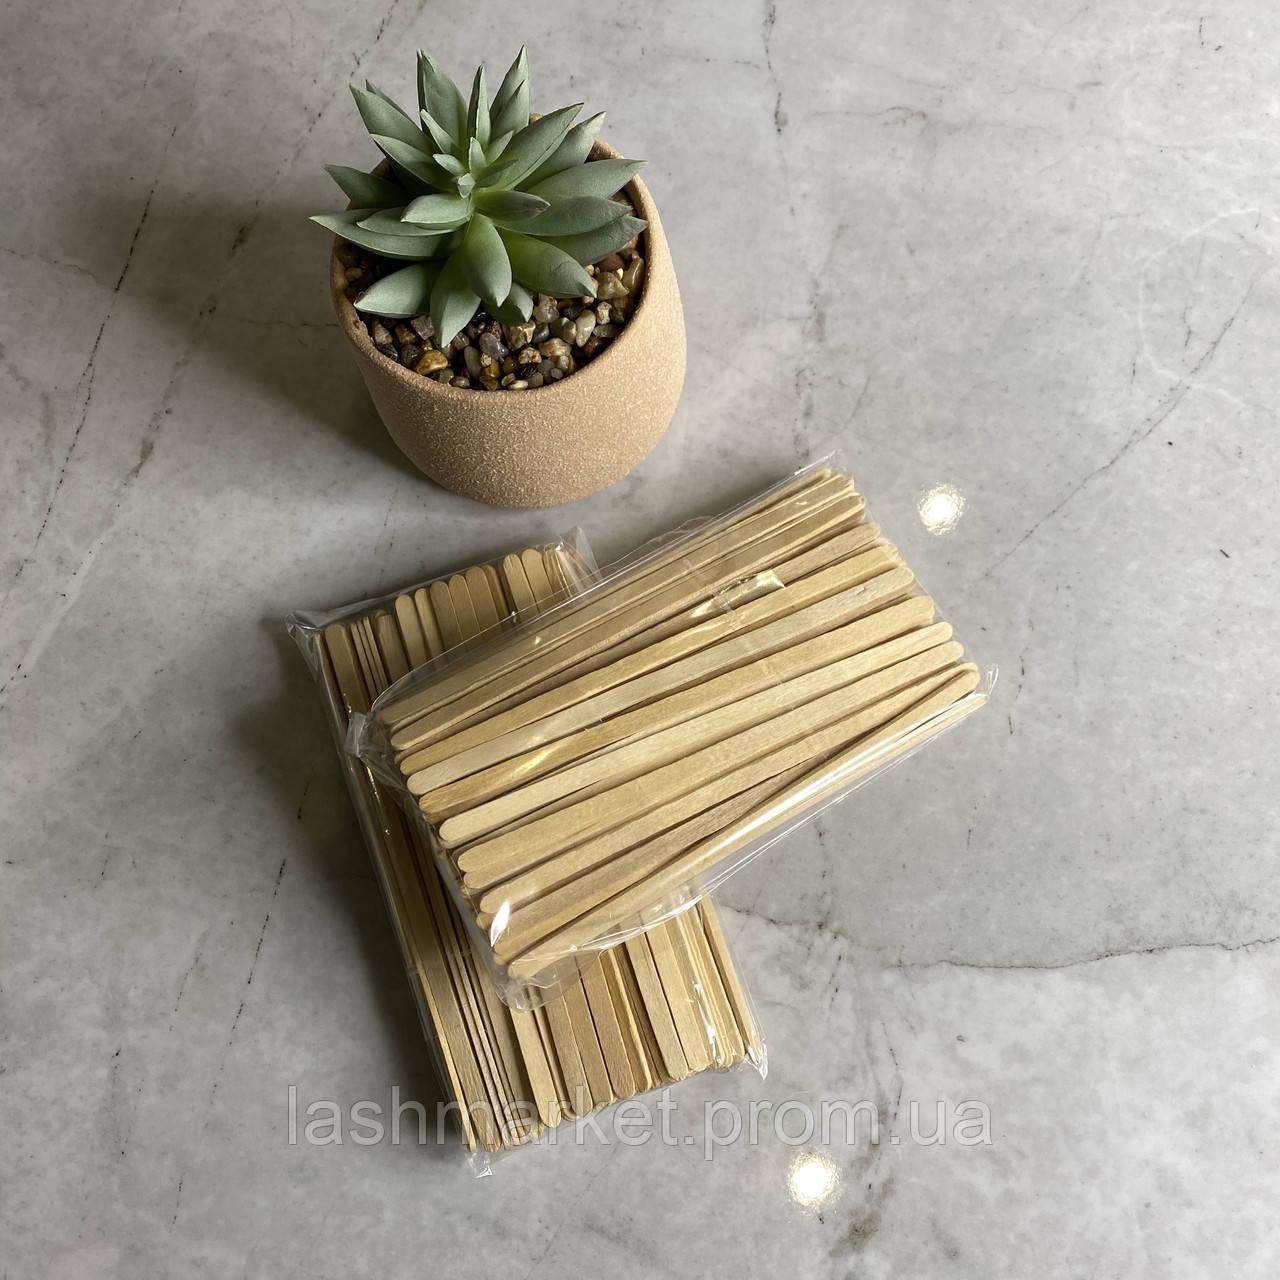 Шпатель деревянный 100 шт (для воска, для снятия искусственных ресниц)